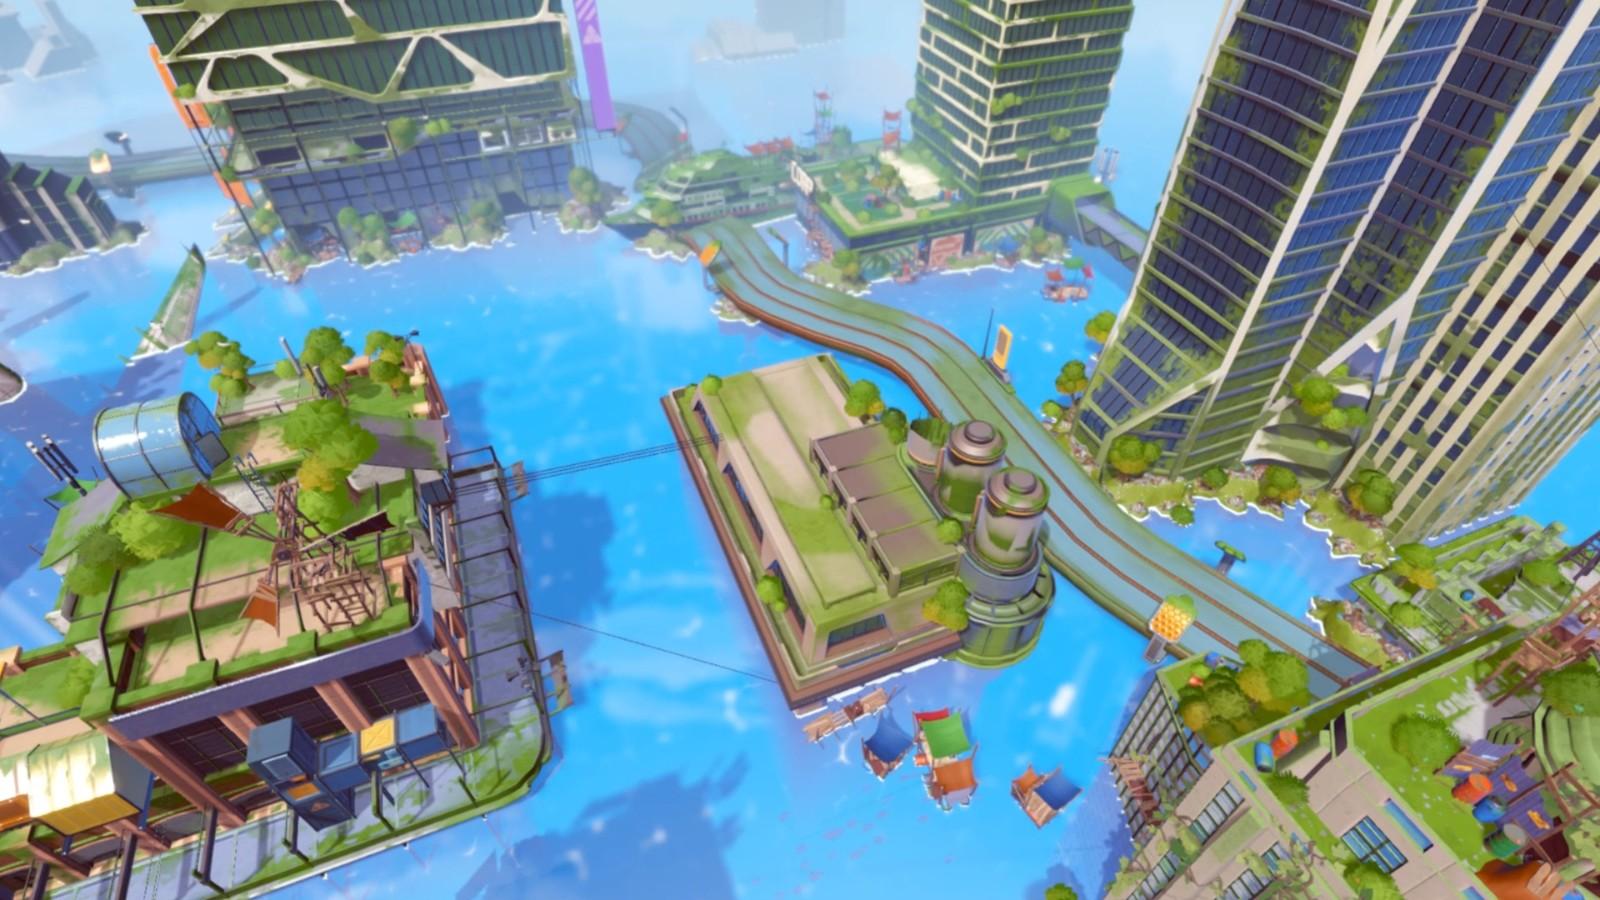 后末日设定生存游戏《我是未来》上架Steam 2022年发售